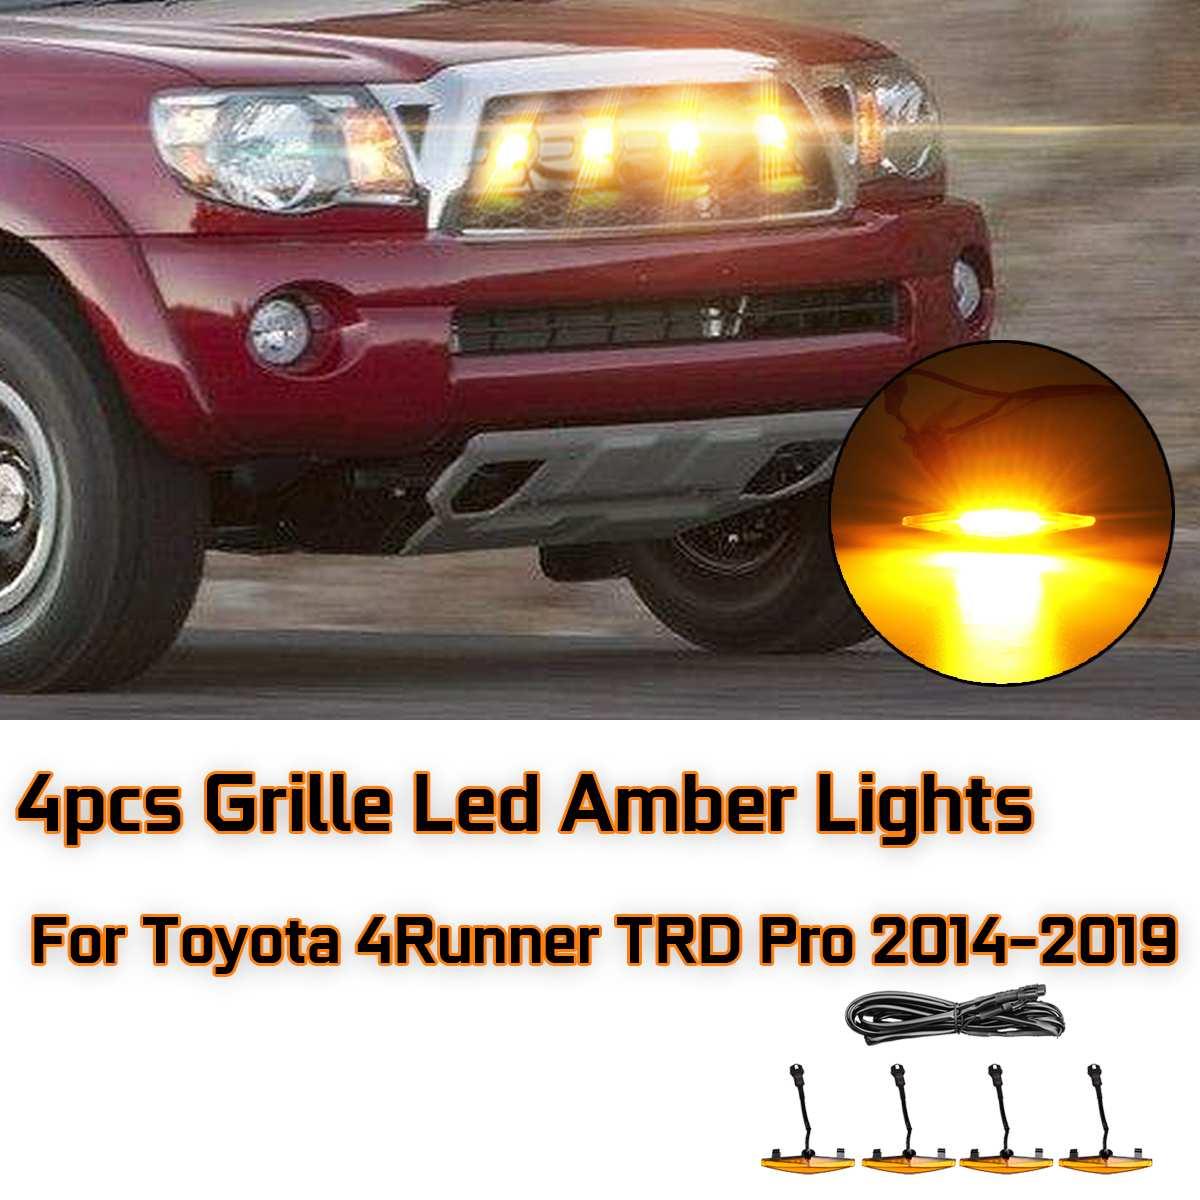 Voiture en plastique Led Allume 4 pièces Calandre Ambre De Led Lumières Pour Toyota 4runner pour TRD Pro 2014-2019 Voiture Lumière Fournitures